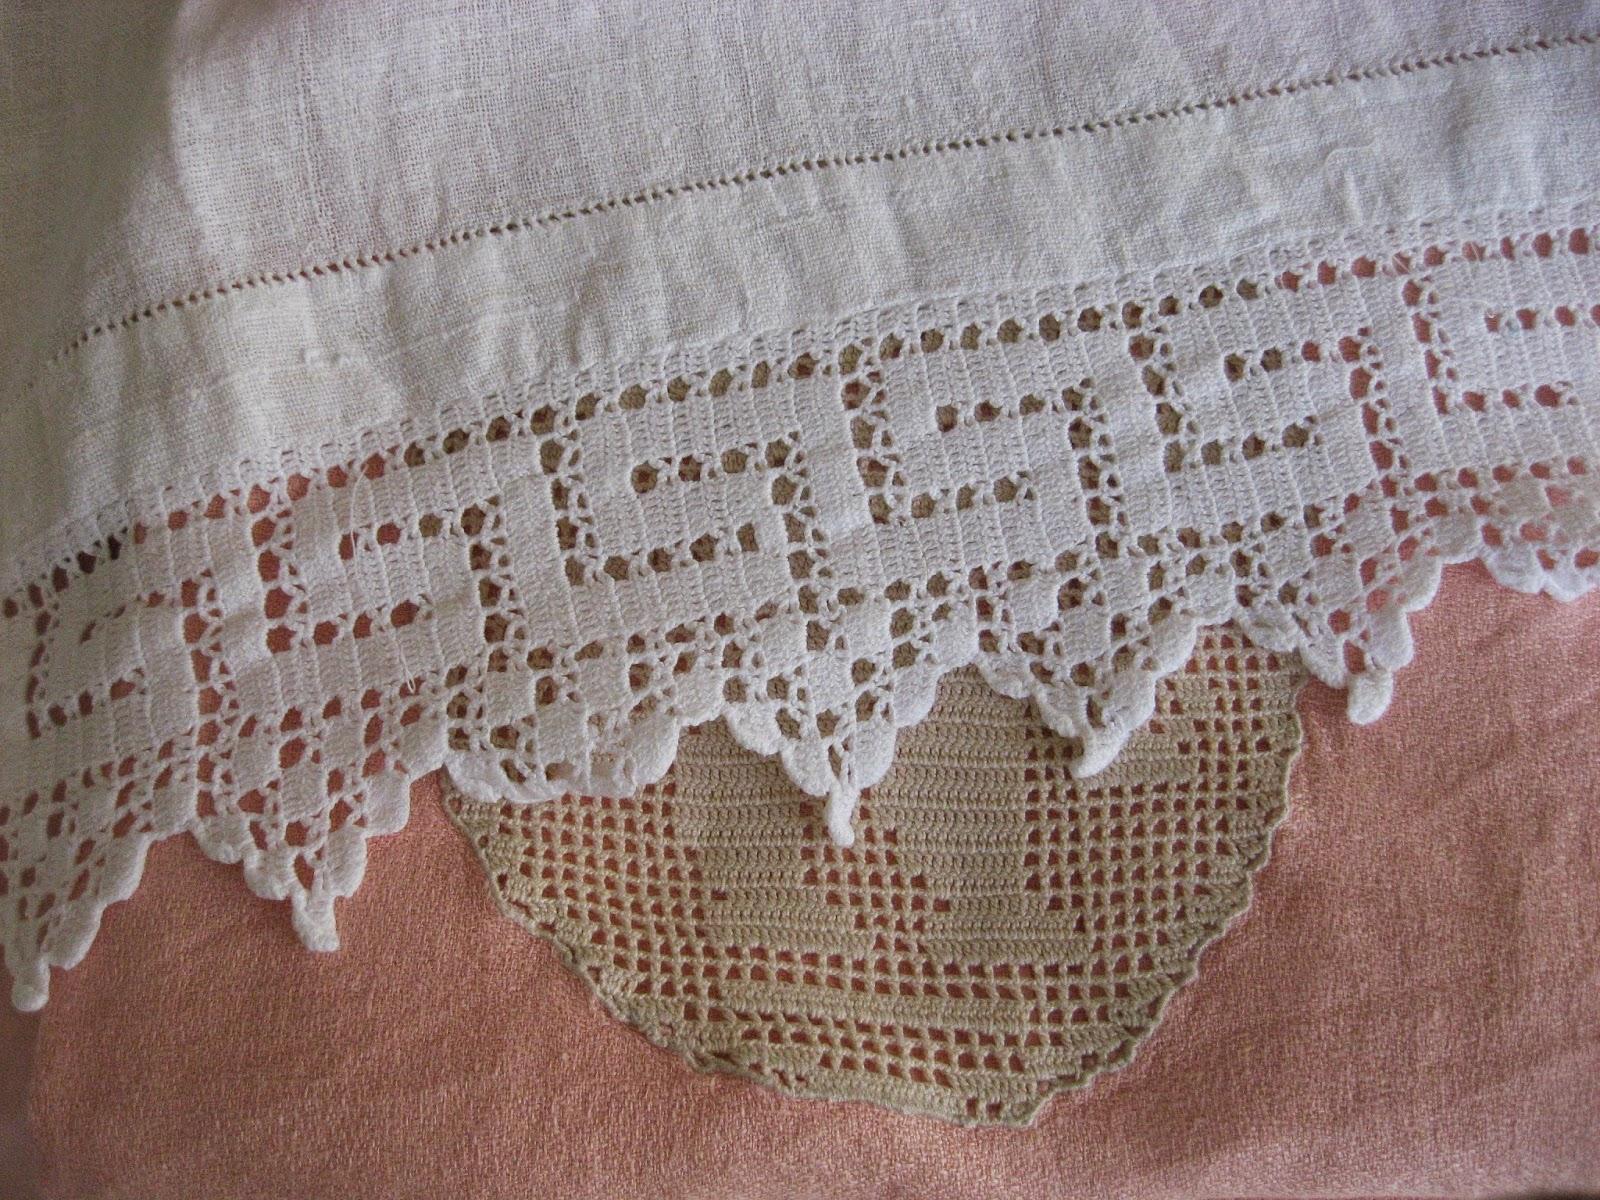 Pizzi all uncinetto per asciugamani modificare una pelliccia for Pizzi all uncinetto per credenze